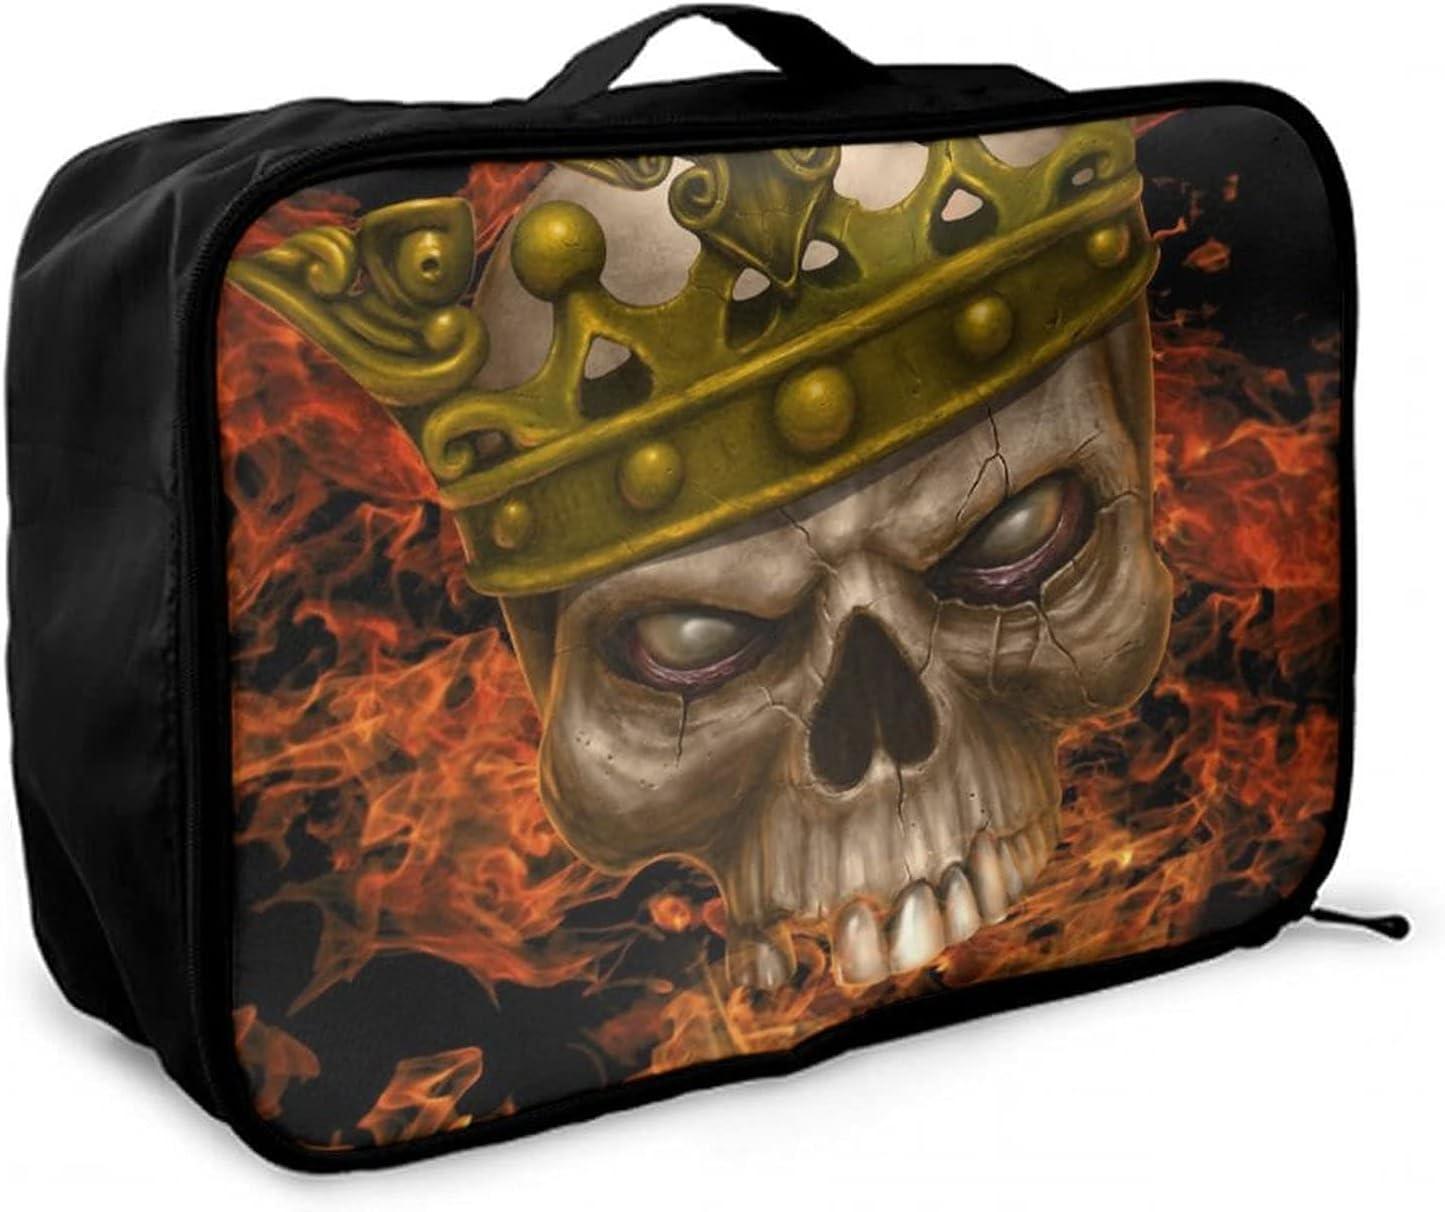 NiYoung Travel Over item handling Max 50% OFF Duffle Bag Skull Waterpro King Fire Weekender